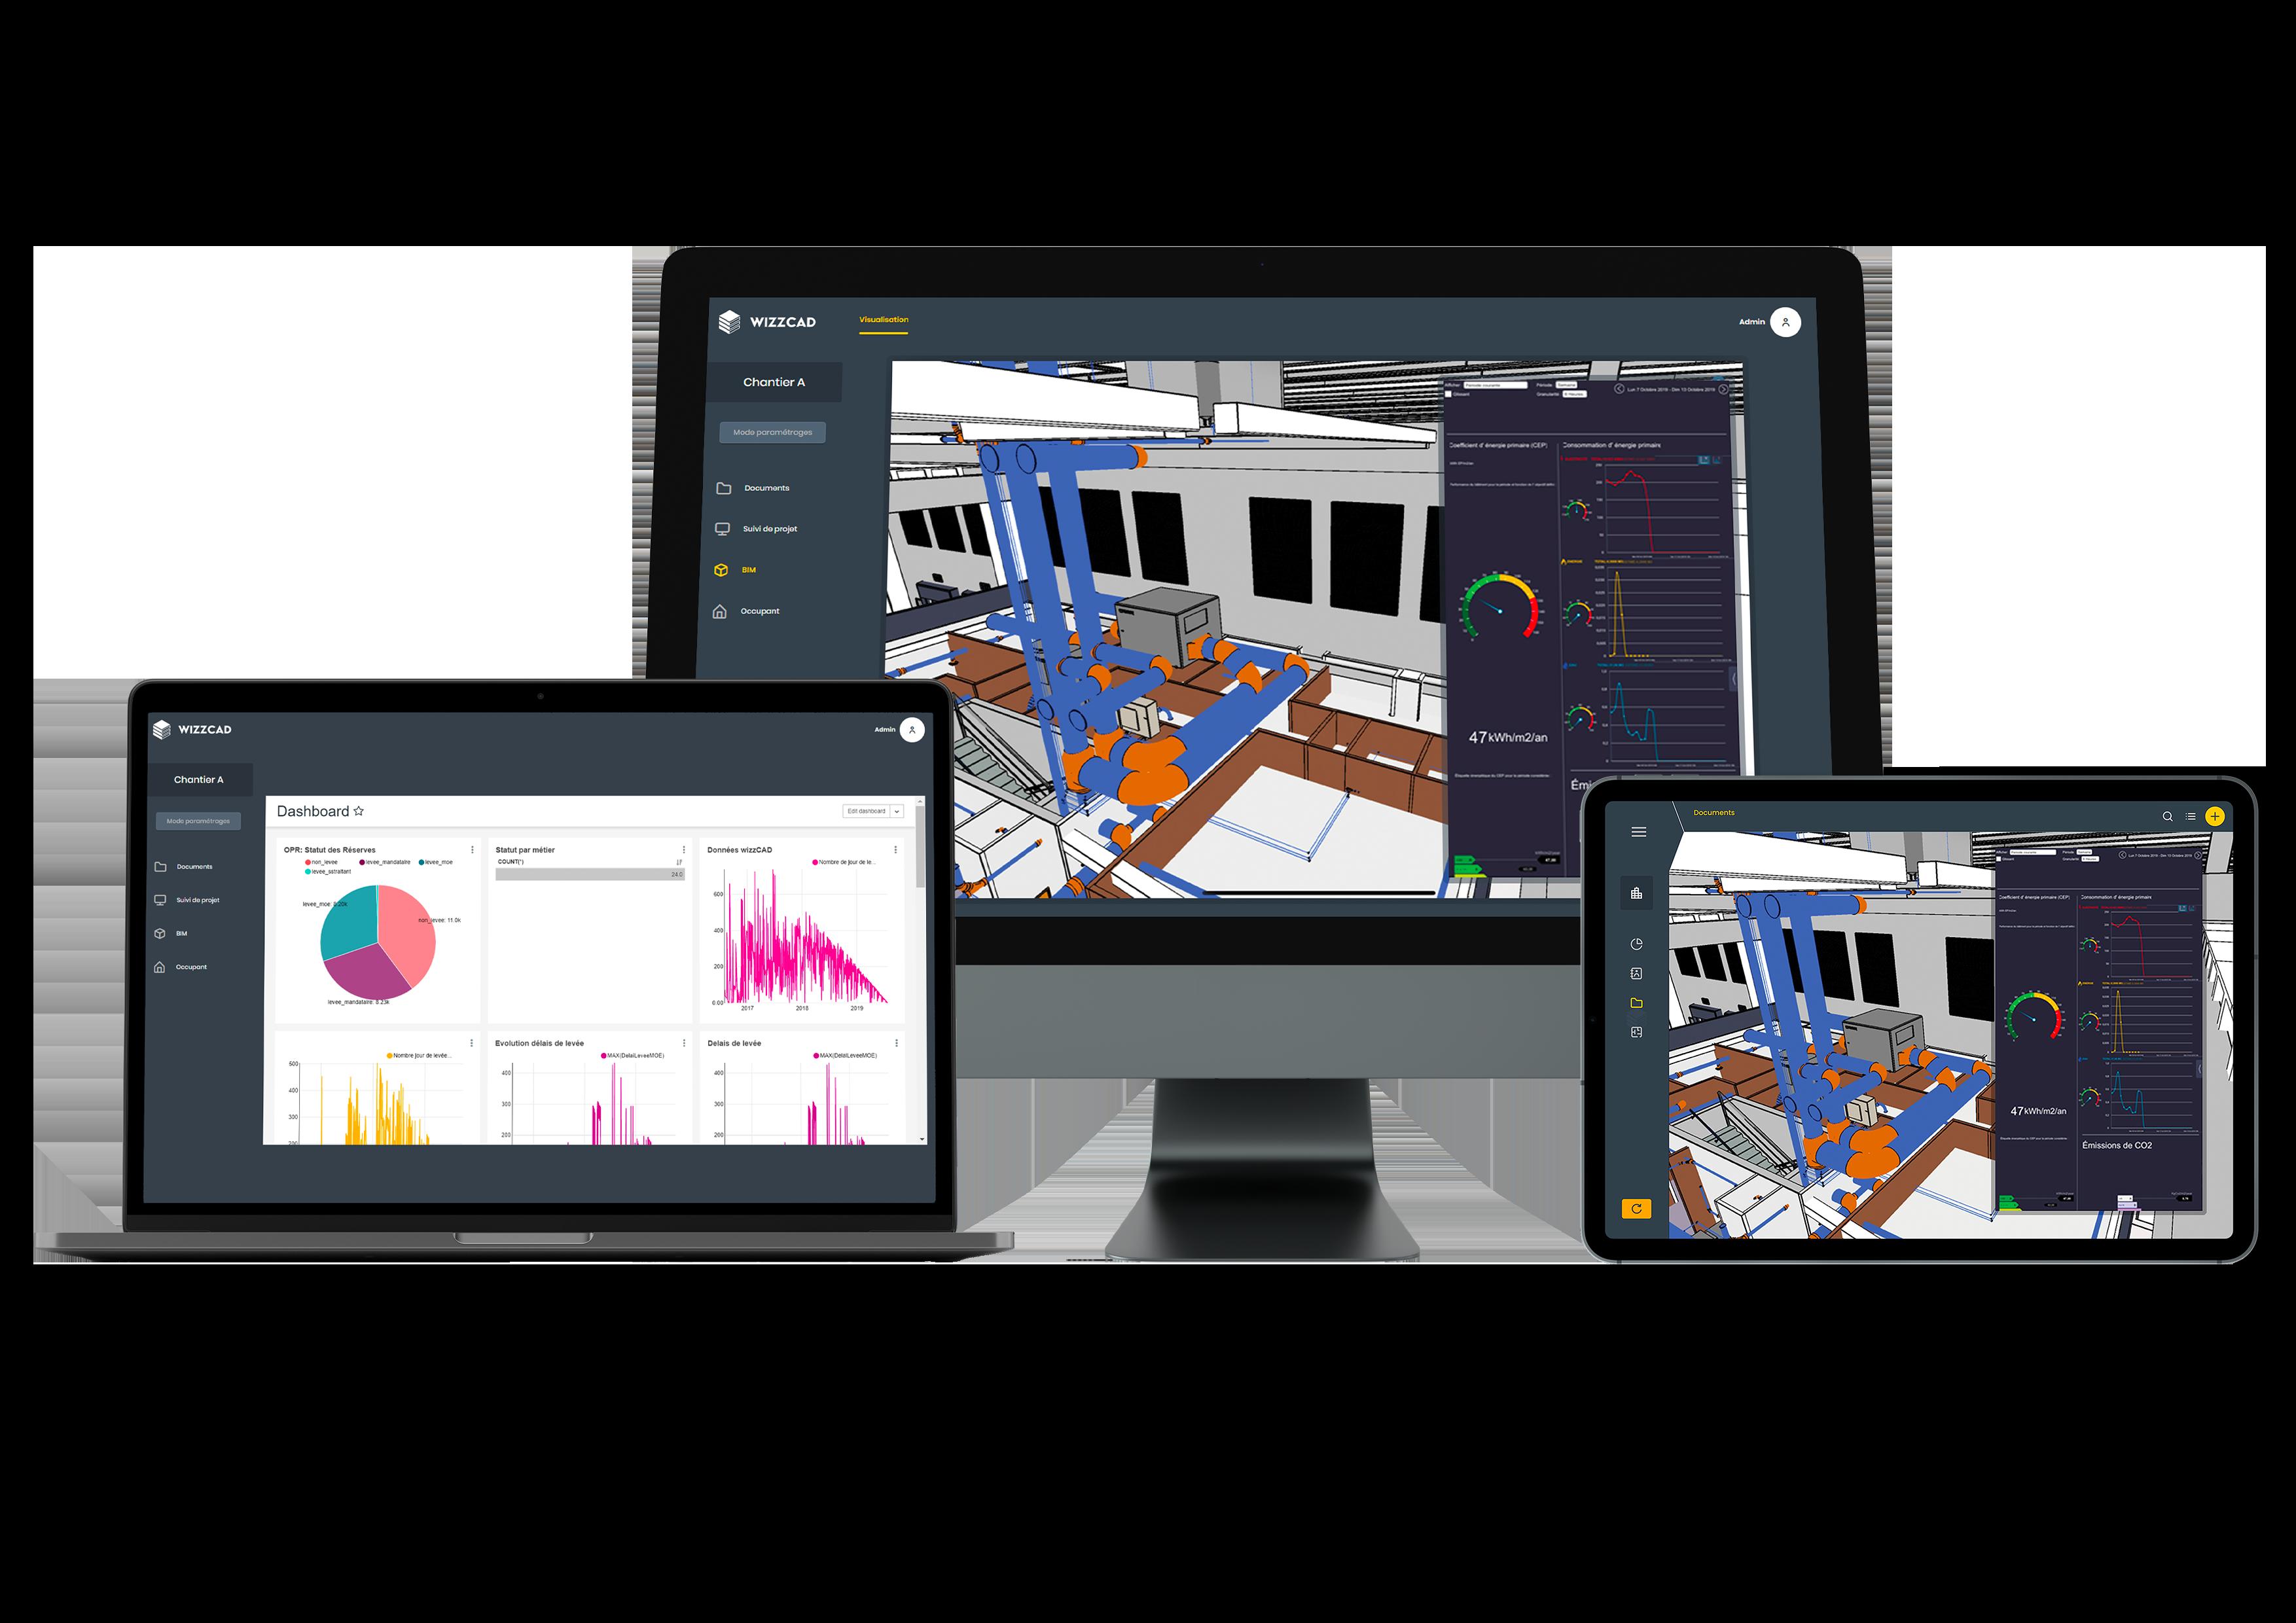 Mobilité logiciel Wizzcad - Ordinateur-laptop-smartphone